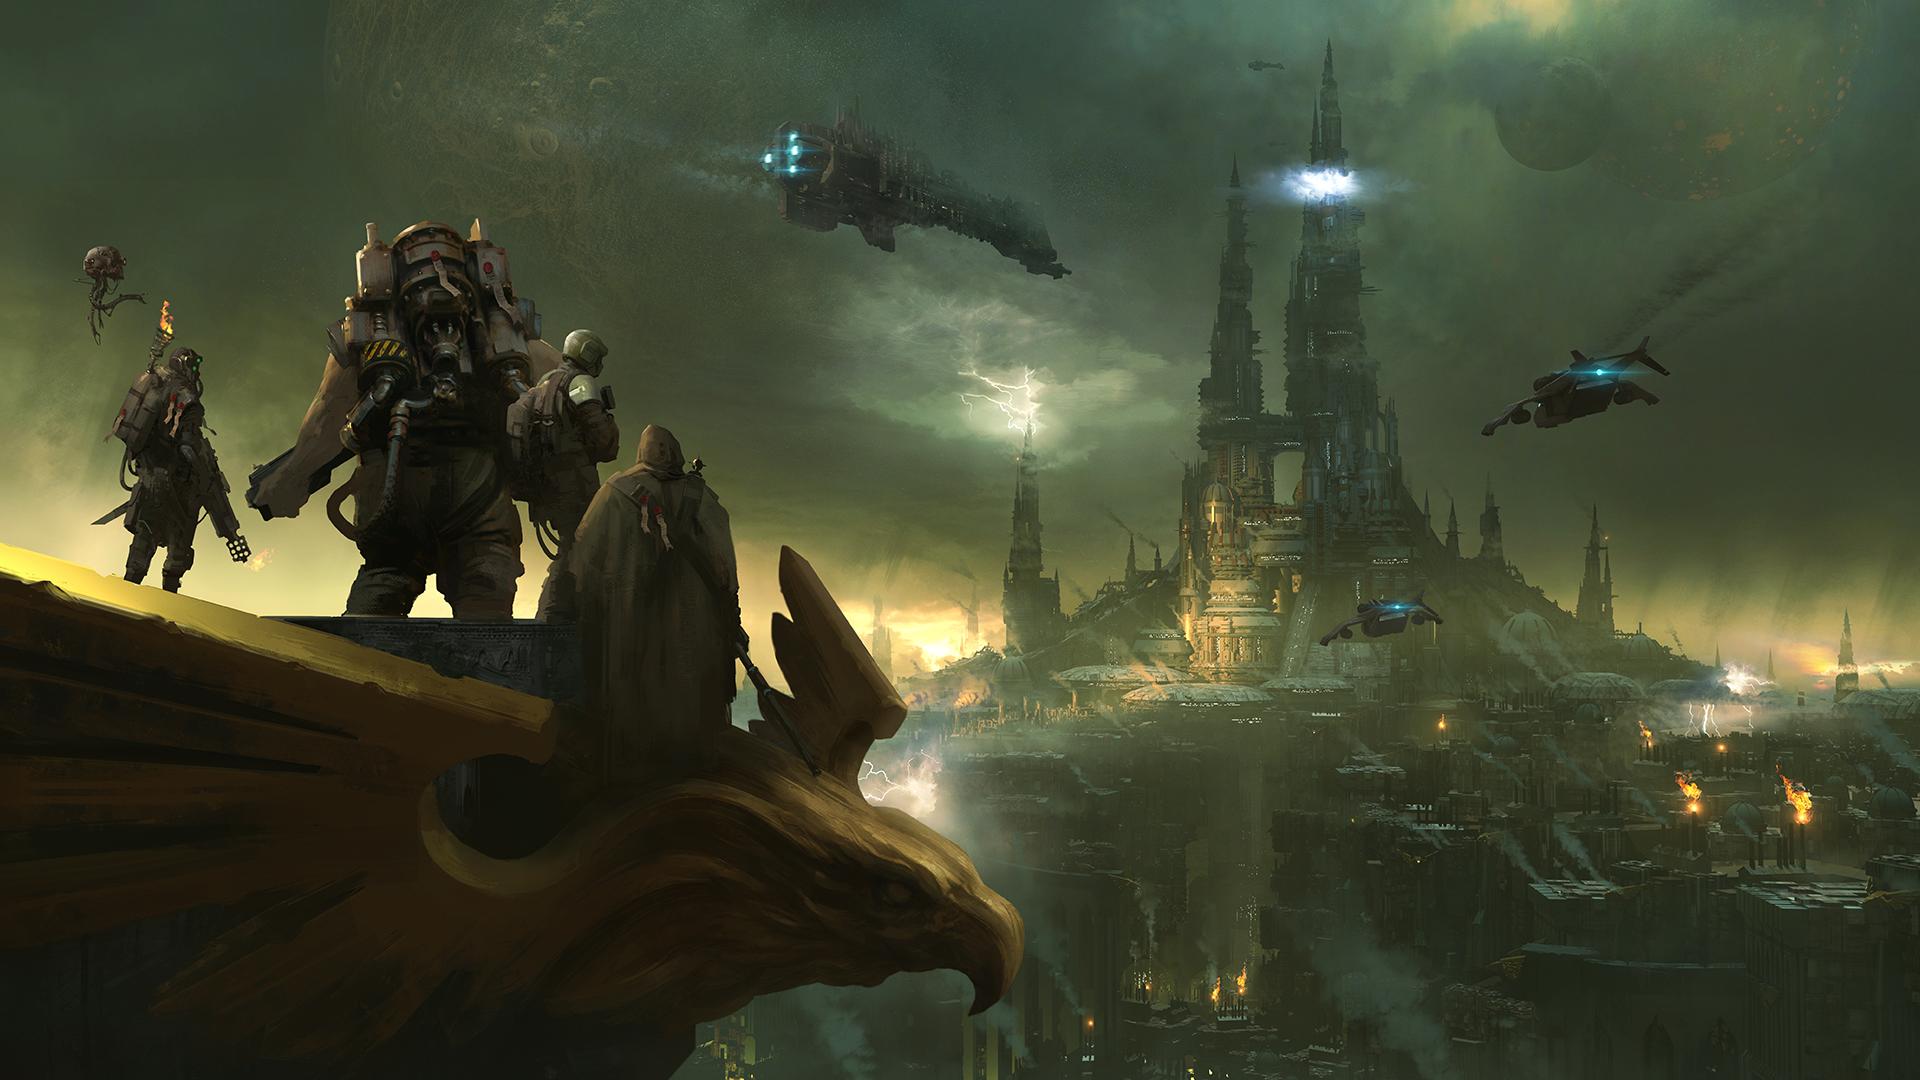 The protagonists of Warhammer 40,000: Darktide